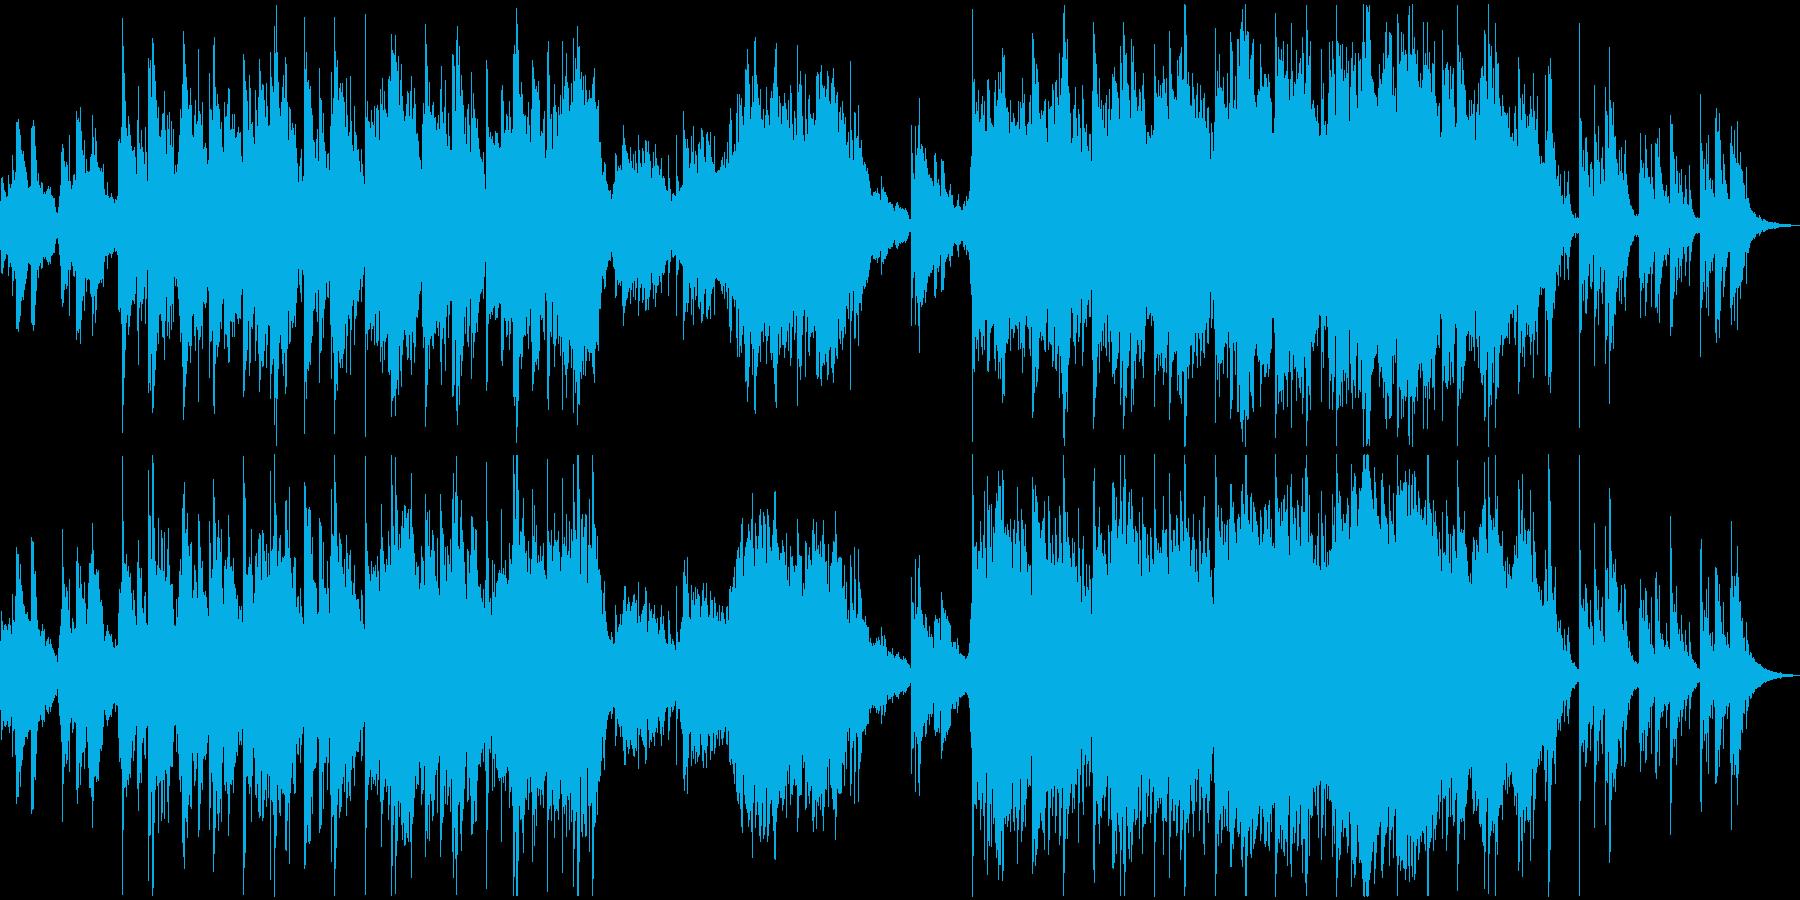 森の遺跡のような神秘的な楽曲の再生済みの波形